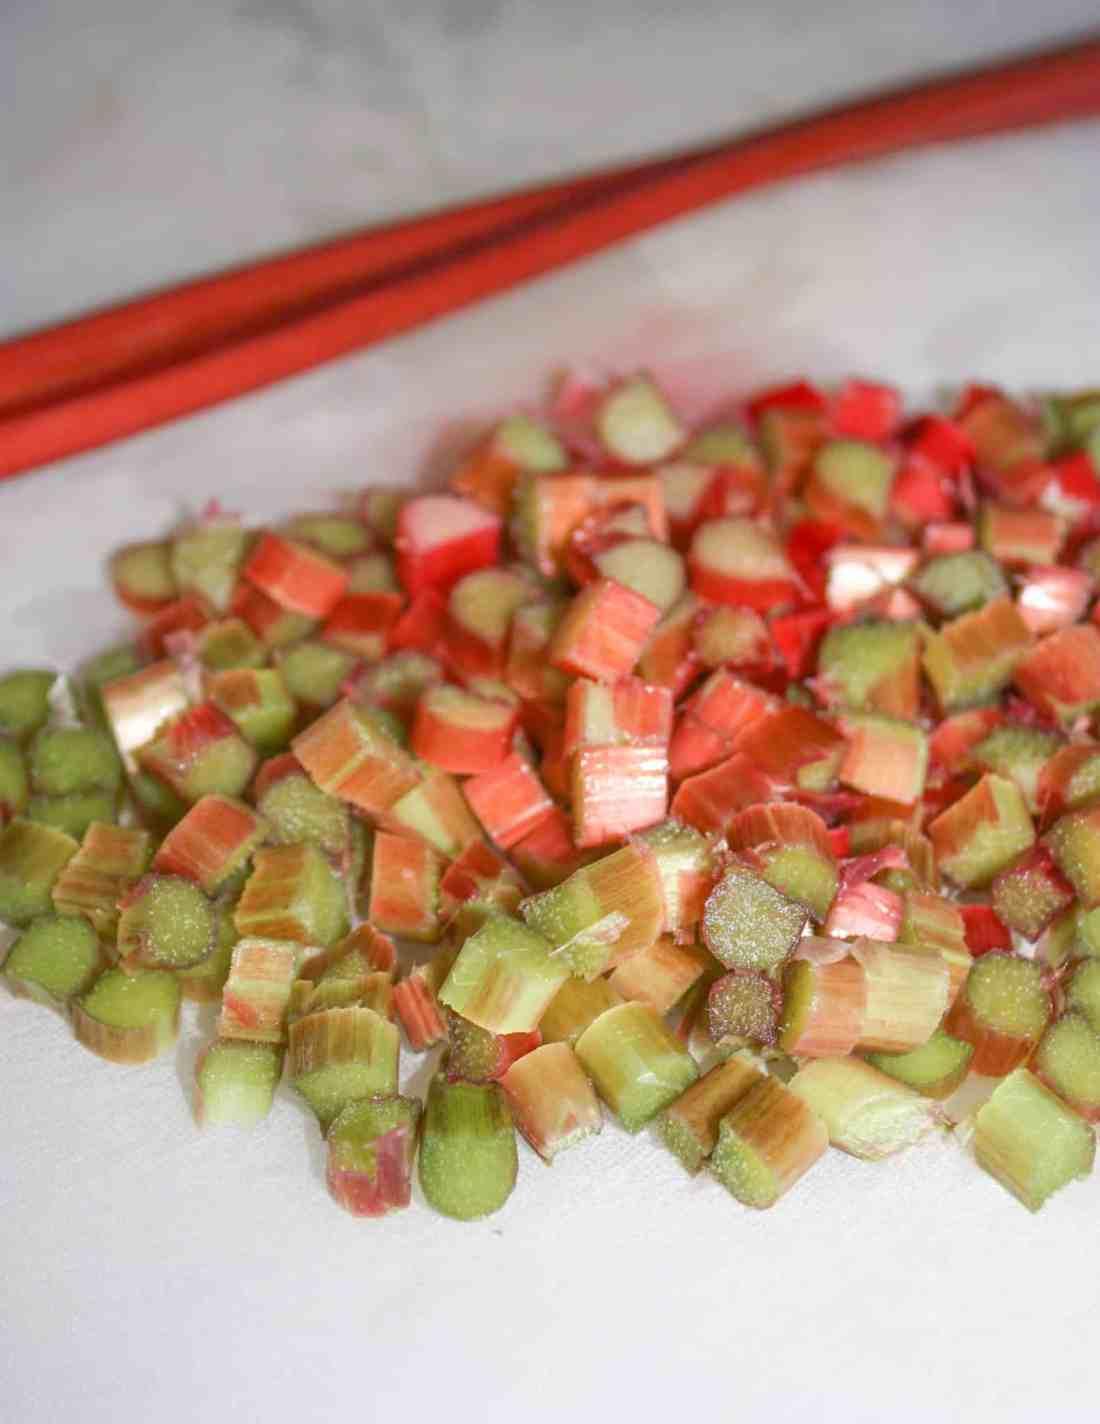 The diced rhubarb.